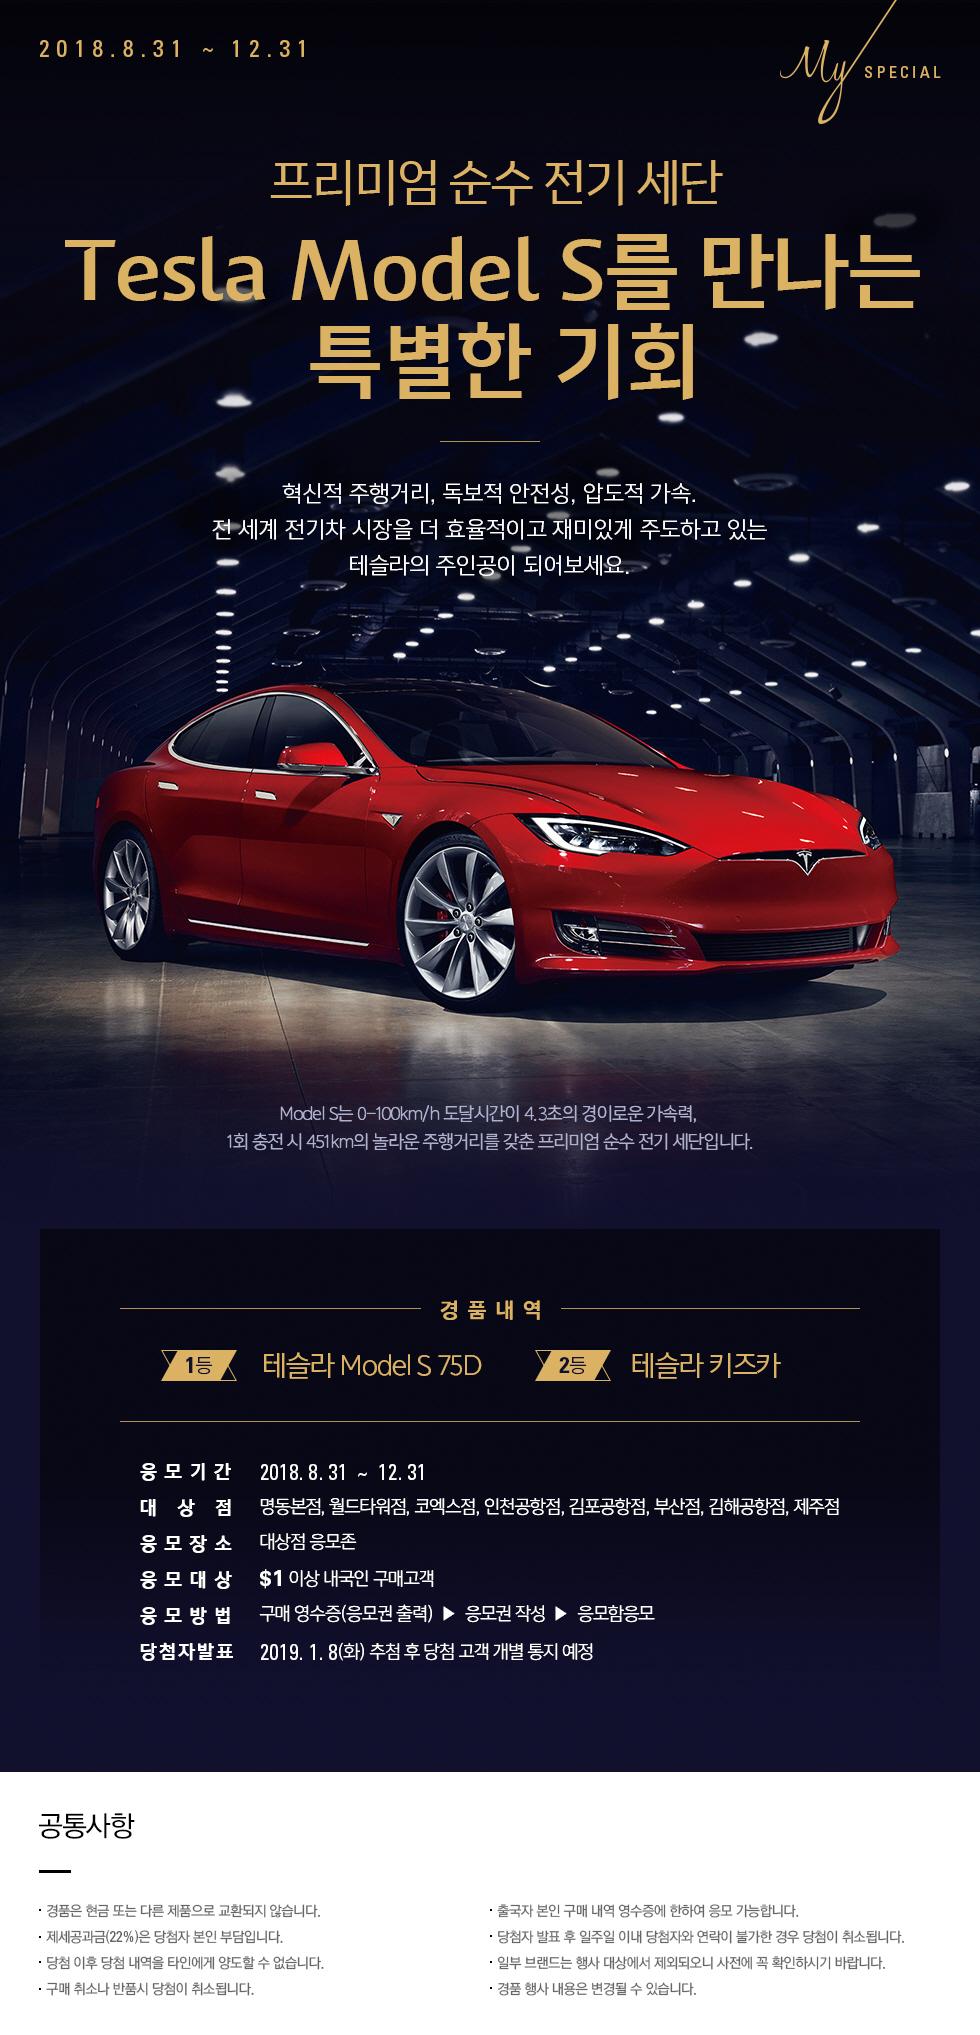 프리미엄 순수 전기 세단 Tesla Model S를 만나는 특별한 기회